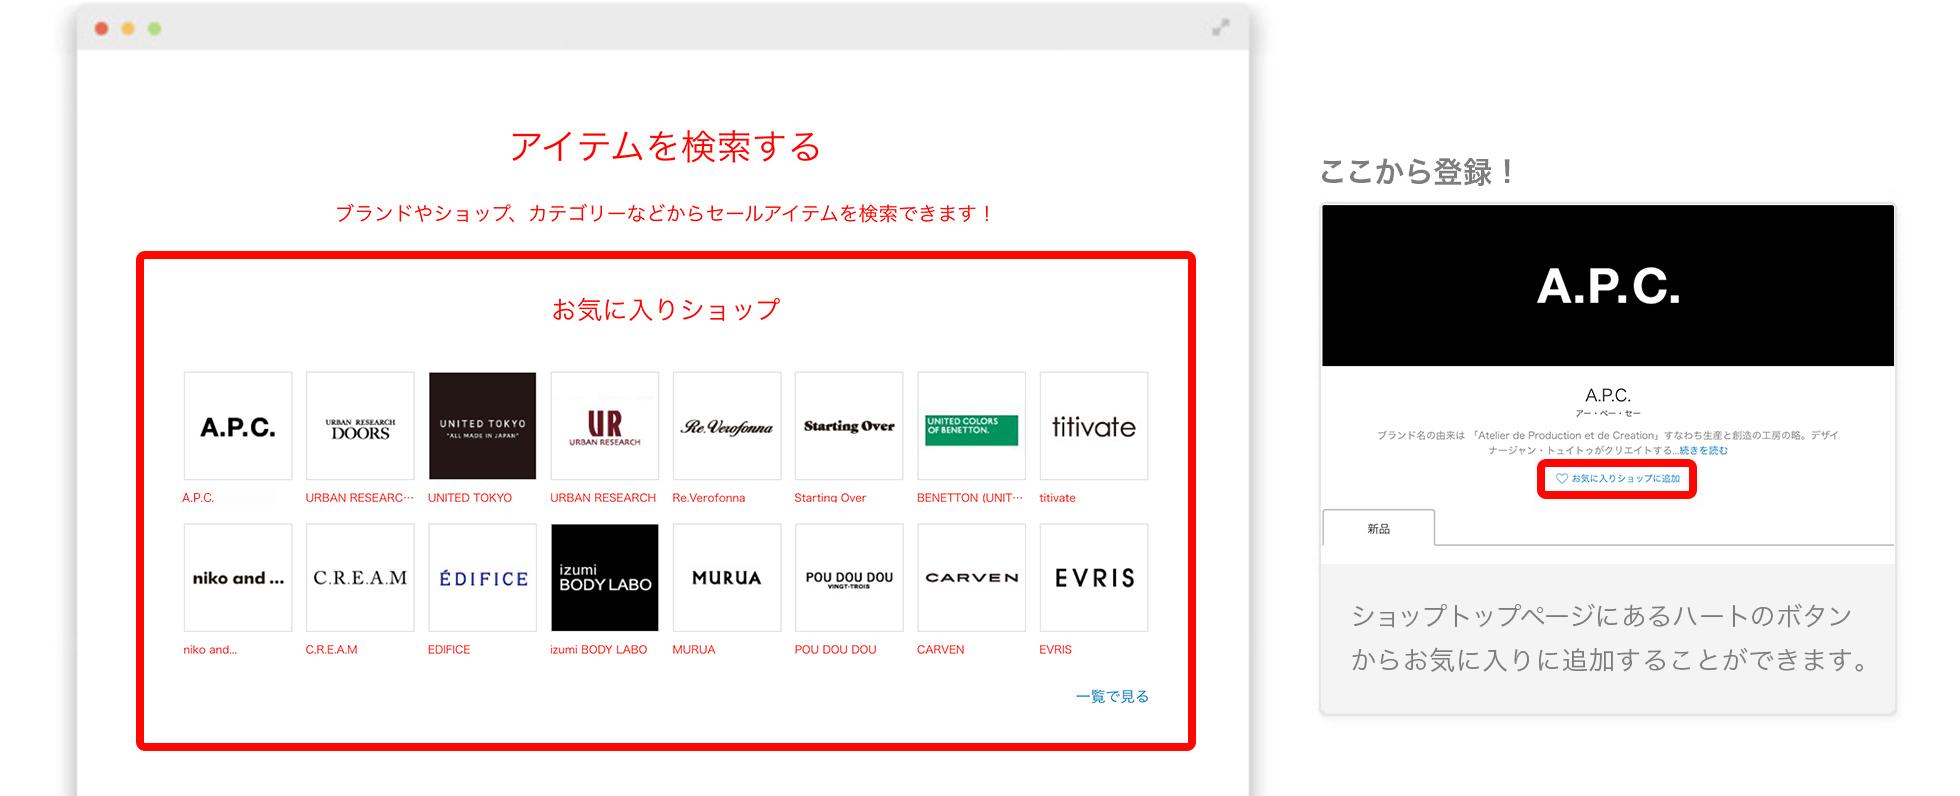 ここから登録!ショップトップページにあるボタンから追加することができます。